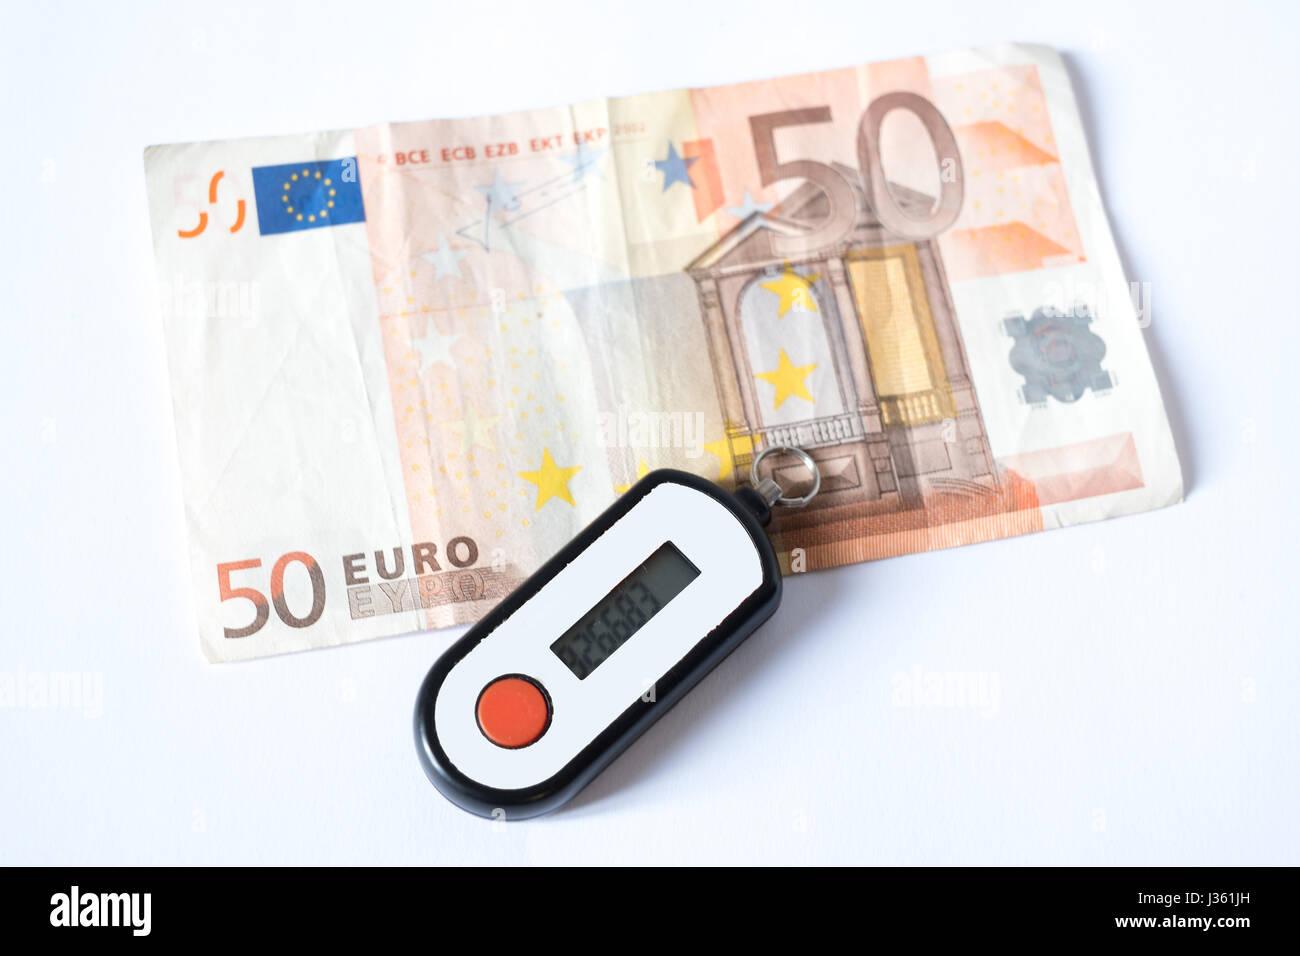 Pin di sicurezza generatore bancario isolati su sfondo bianco Foto Stock